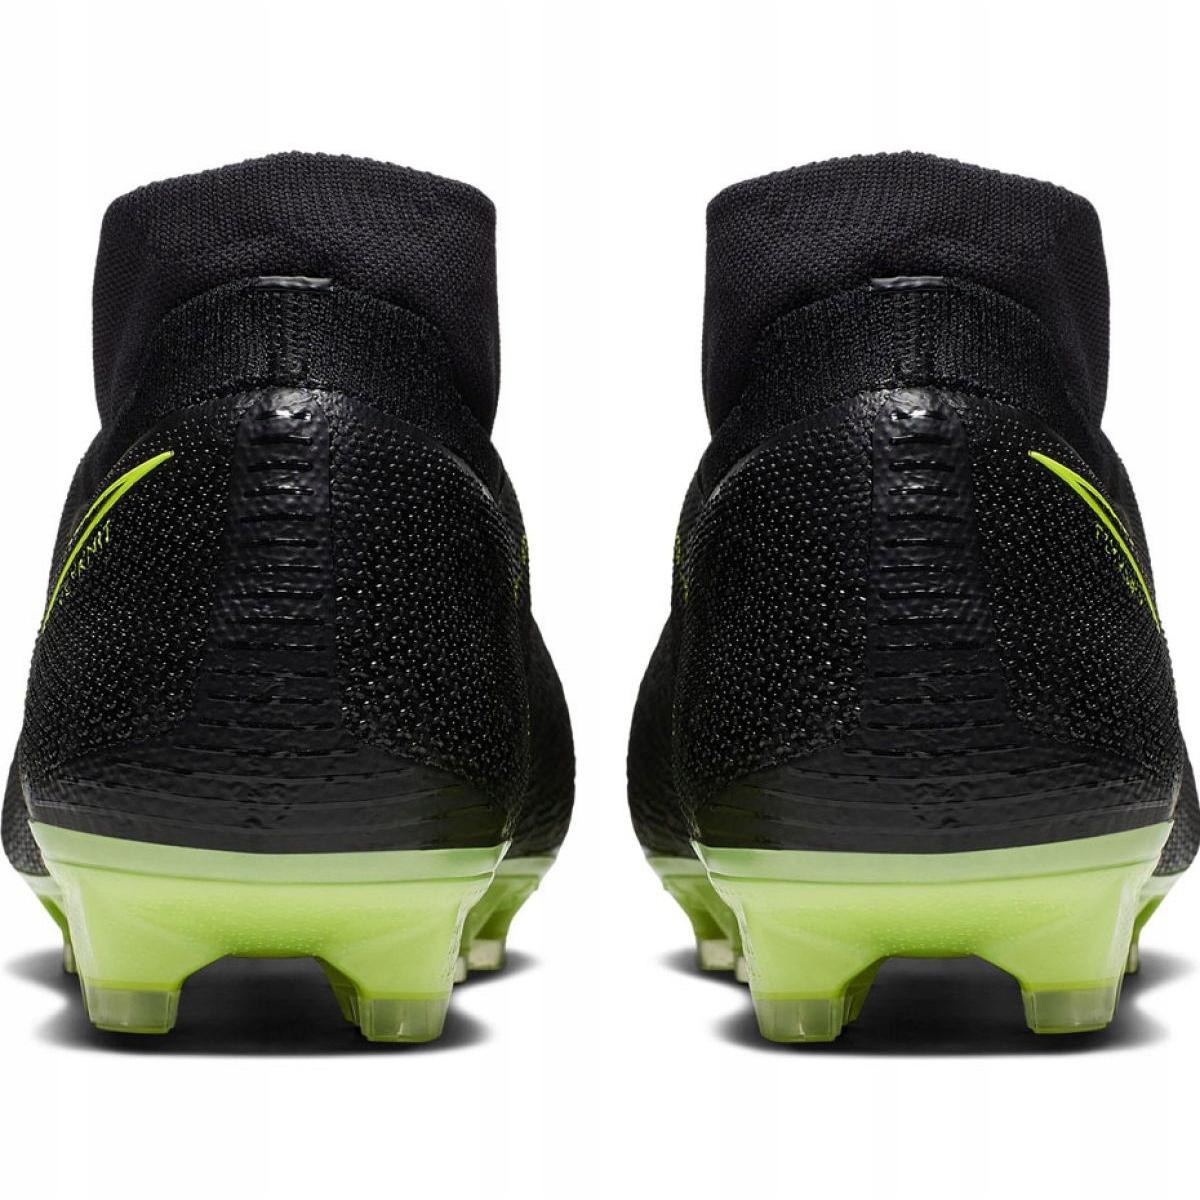 Chuteiras de futebol Nike Phantom Vsn Elite Df Fg M AO3262 007 preto preto